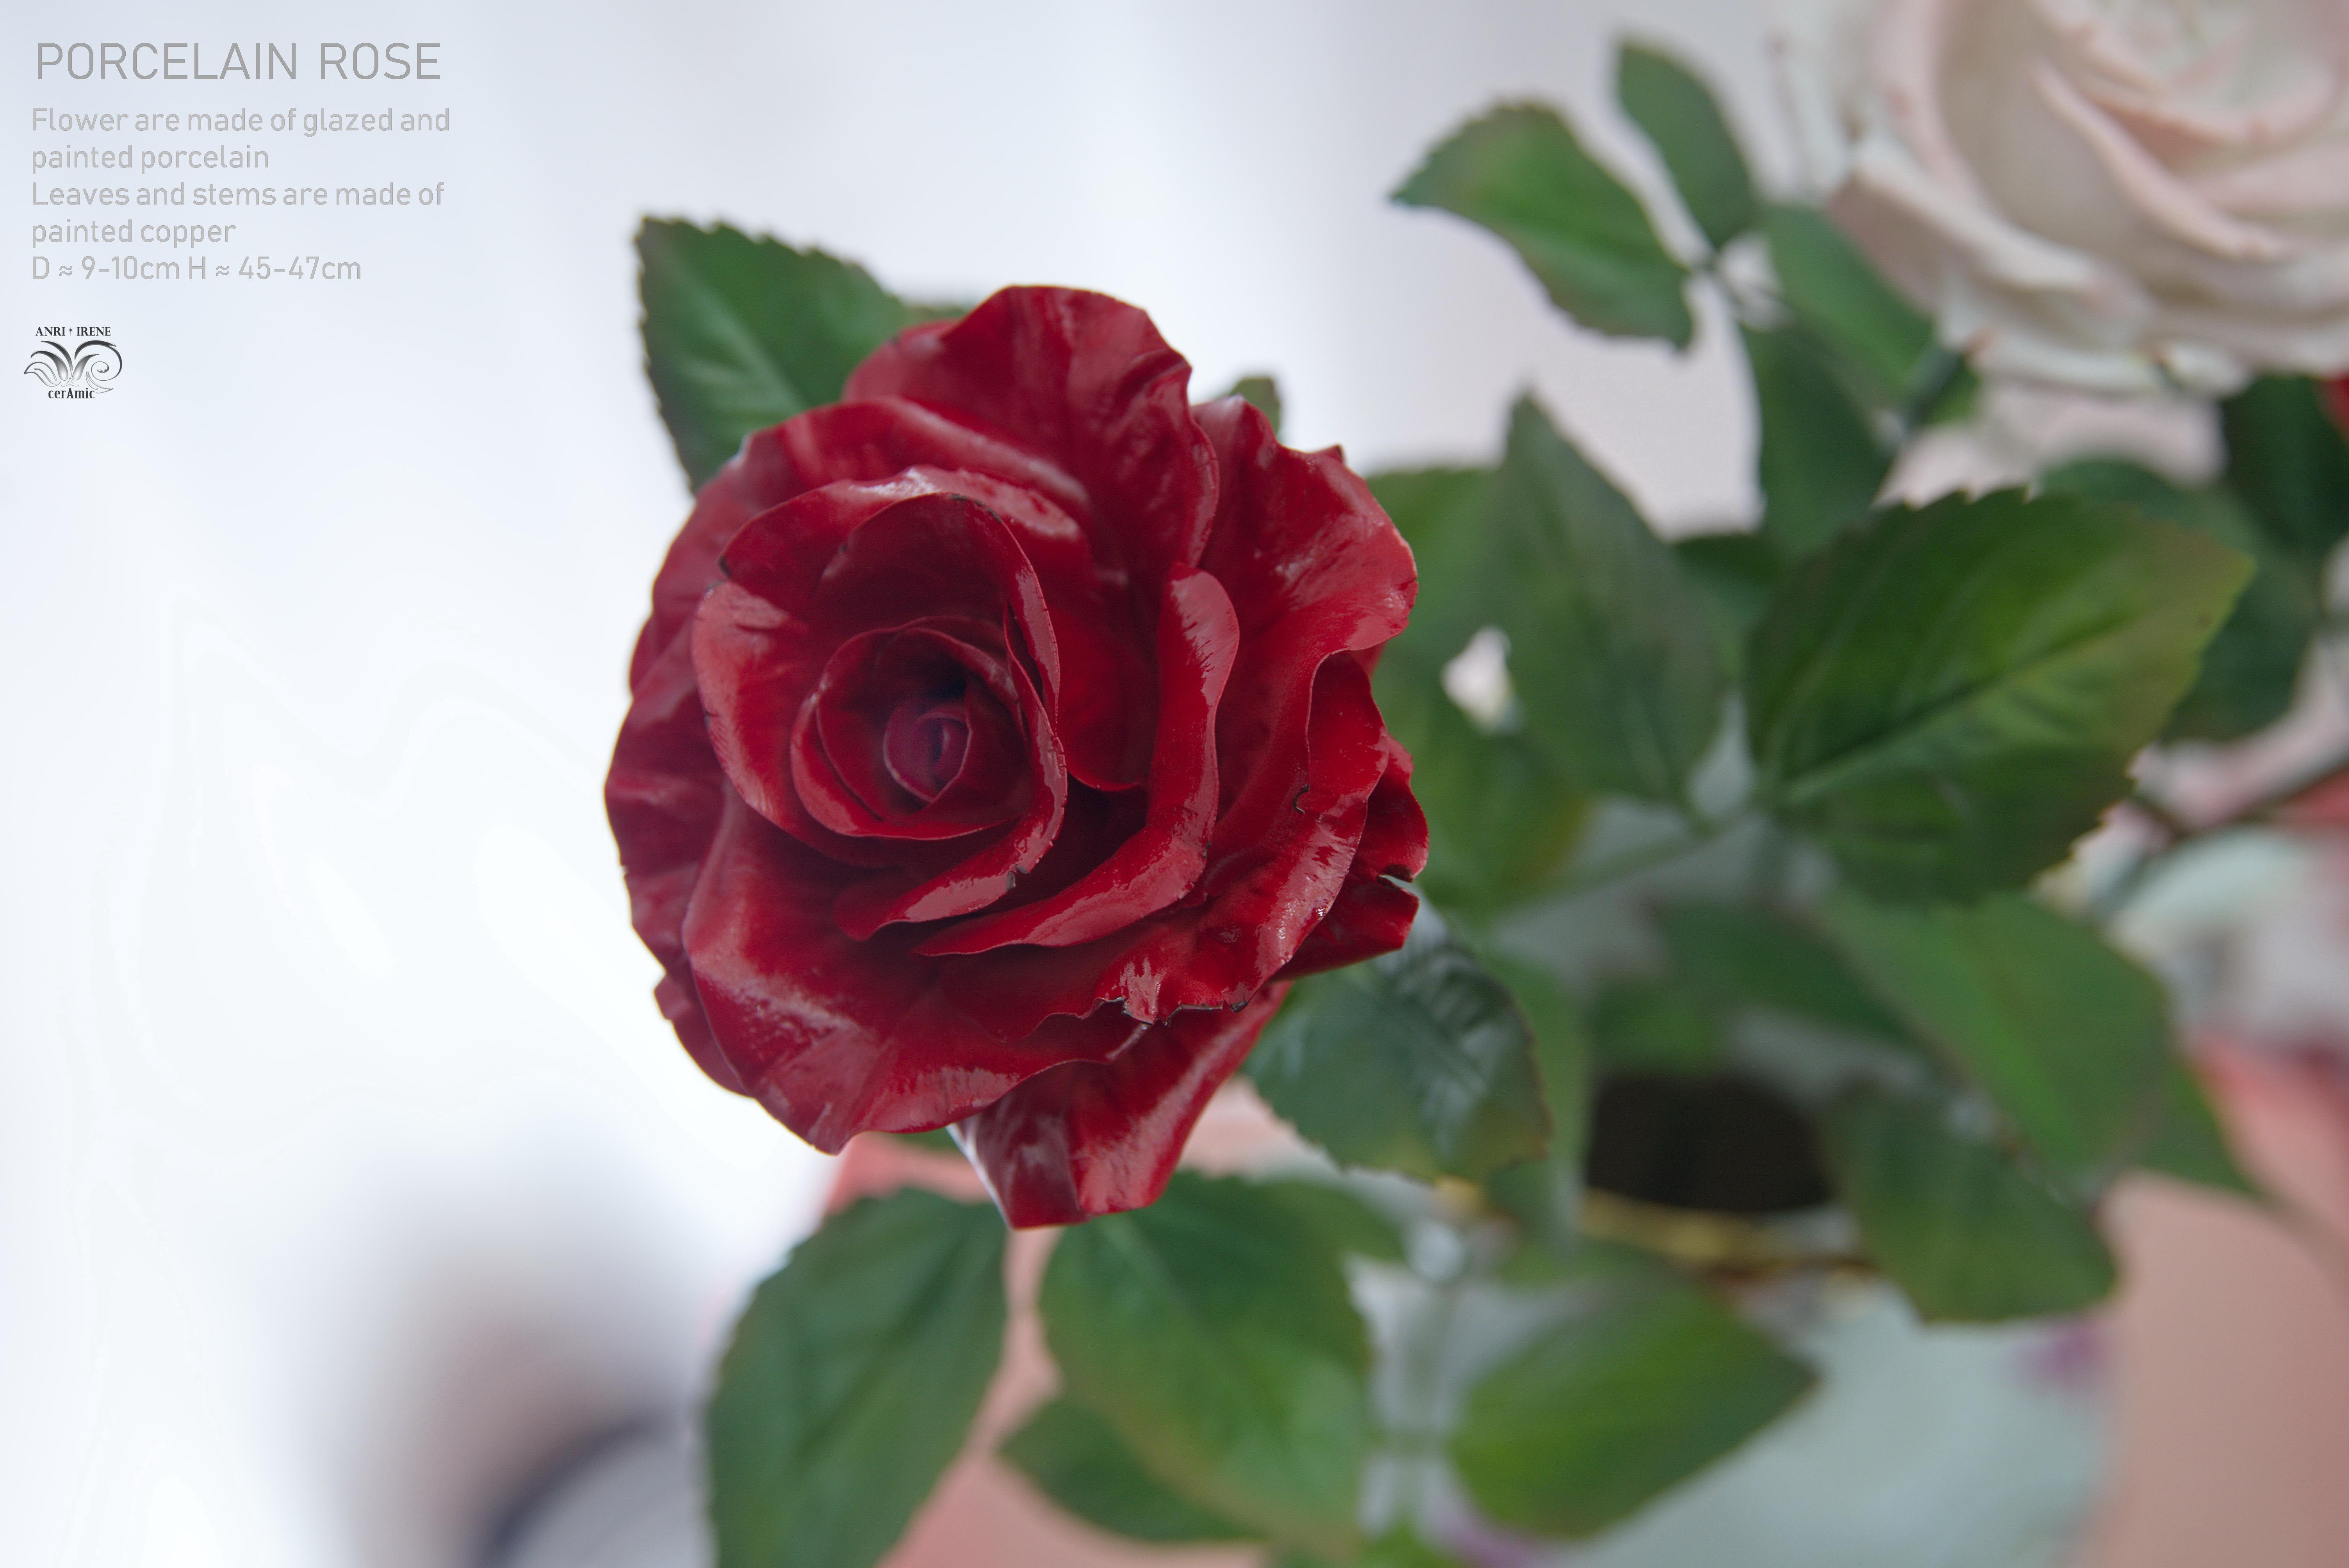 Porcelain red rose